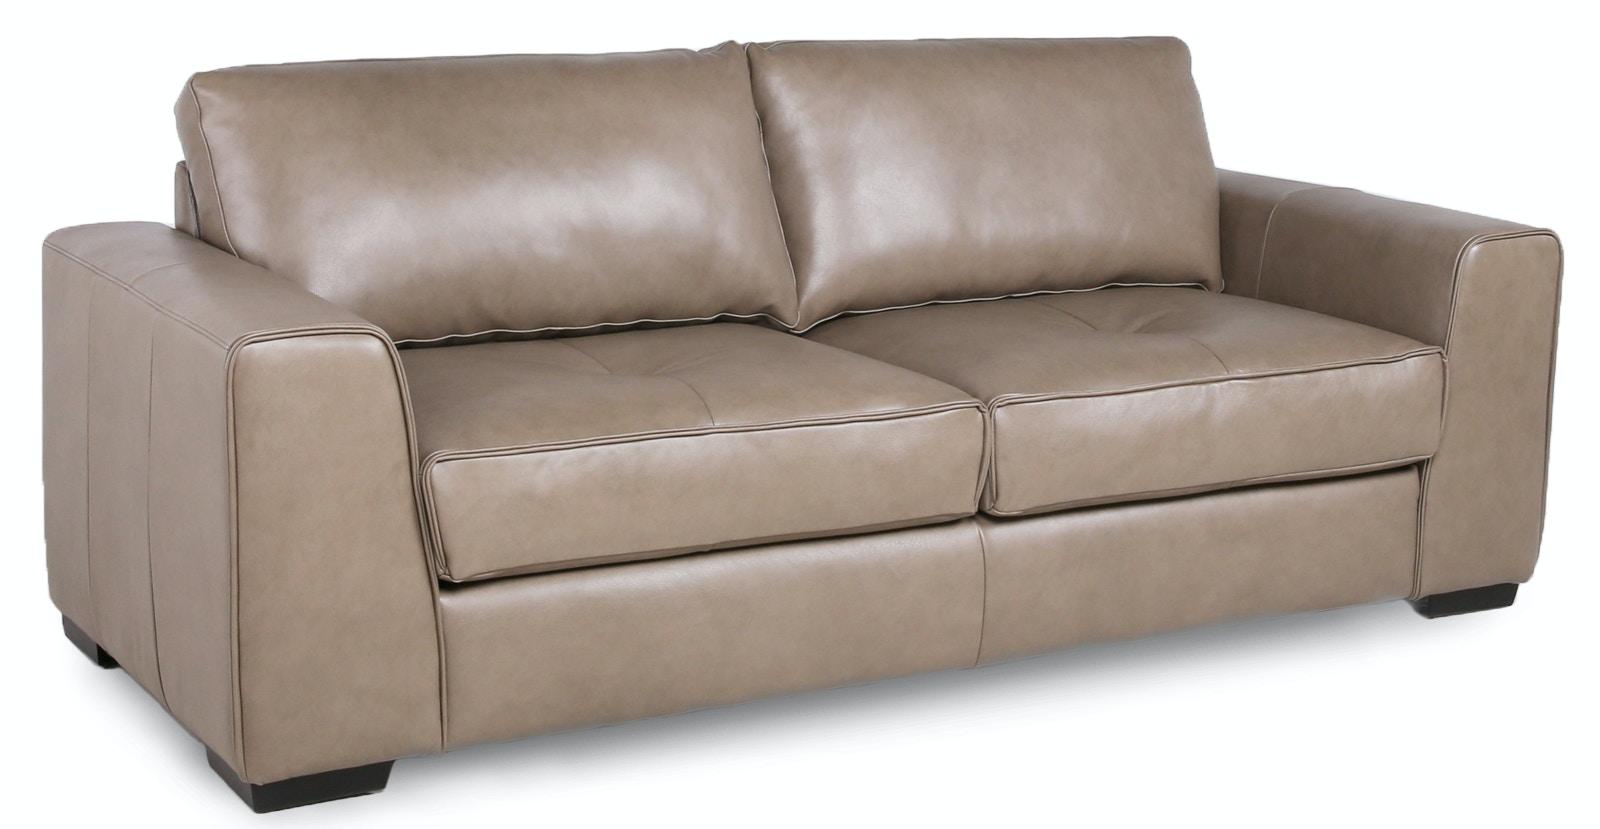 Frisco Sofa   MUSHROOM ST:502053